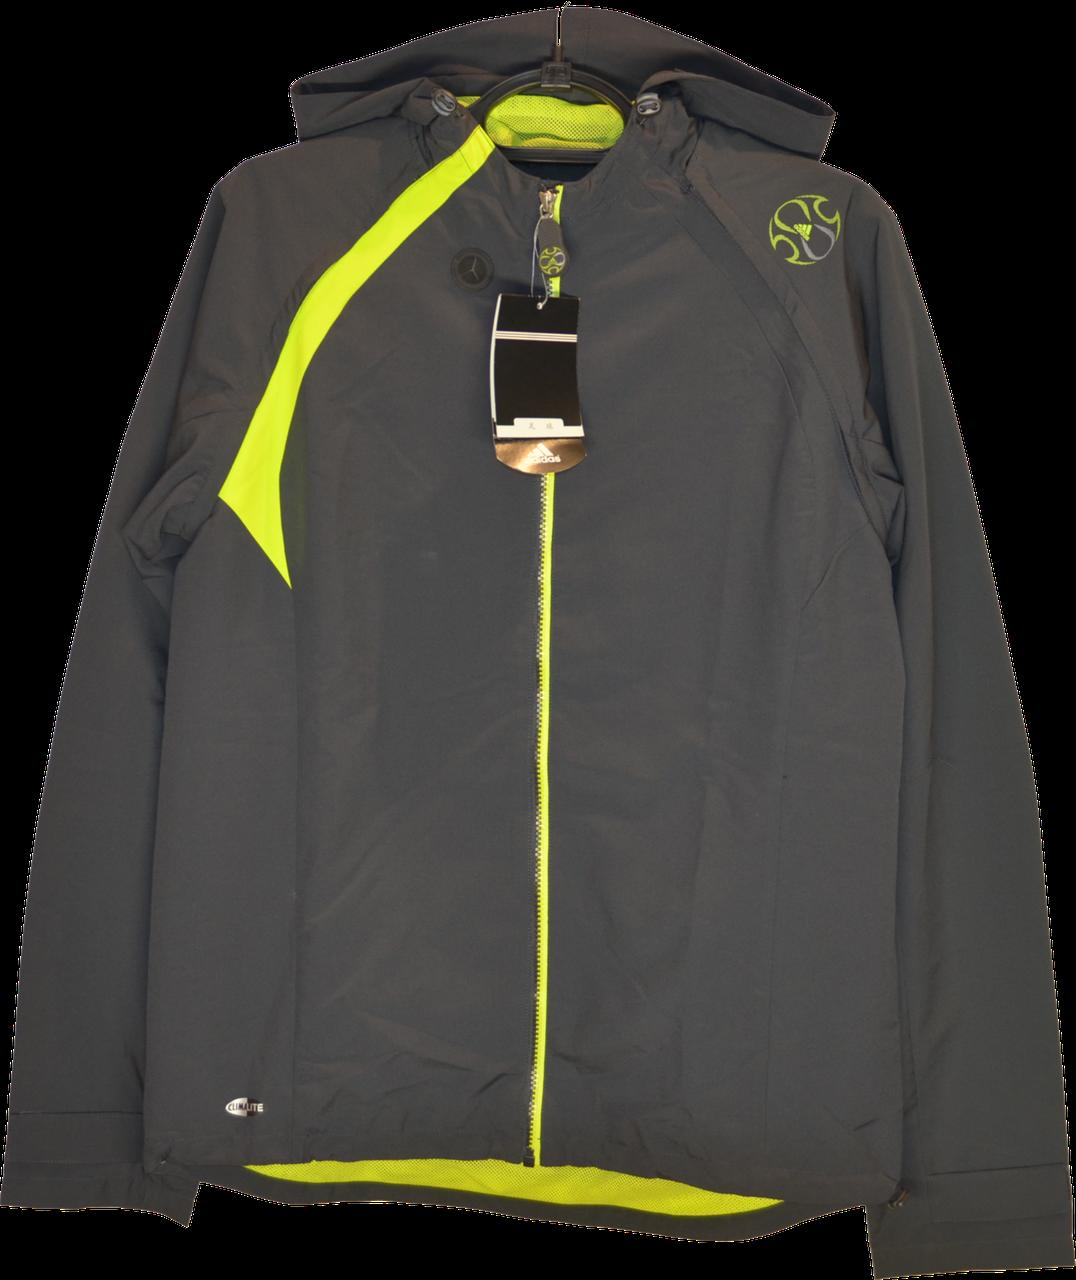 Мужская ветровка-жилетка Adidas ClimaLite F50.